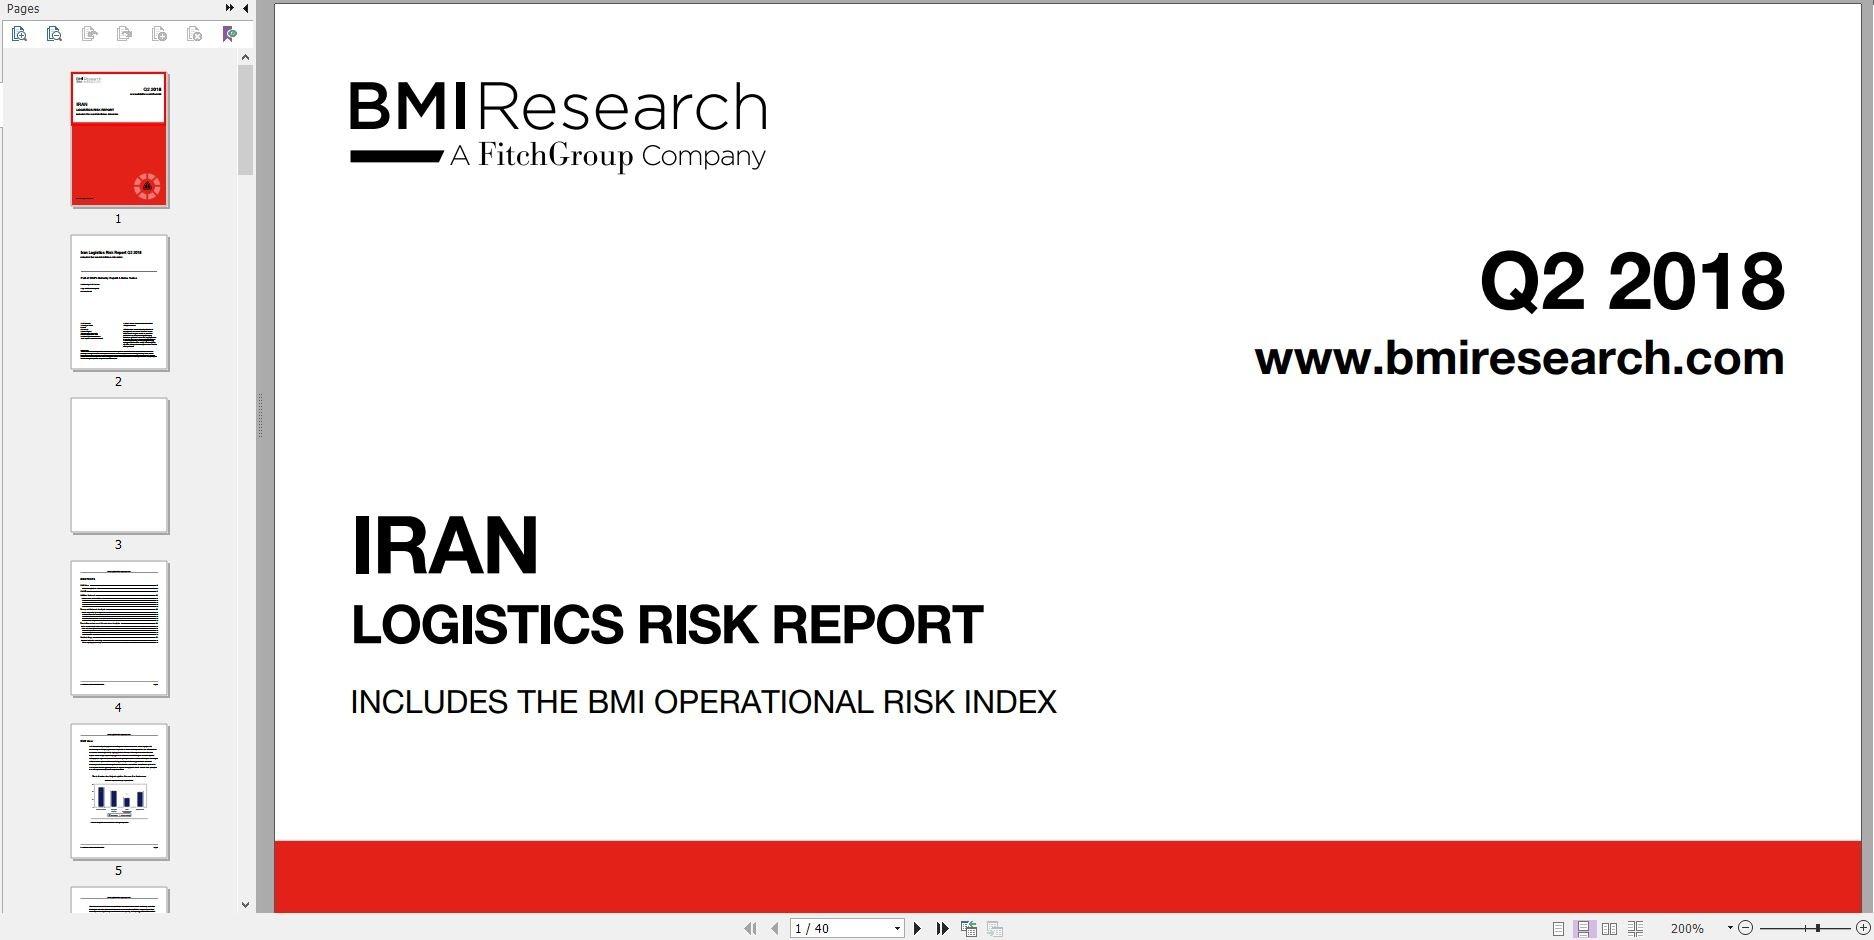 دانلود فایل گزارش BMI Iran Logistics Risk Report Q2 2018 خرید گزارش تحلیل ریسک لجستیک ایران گزارشات bmiresearch دانلود از Business Monitor Internationalگیگاپیپر